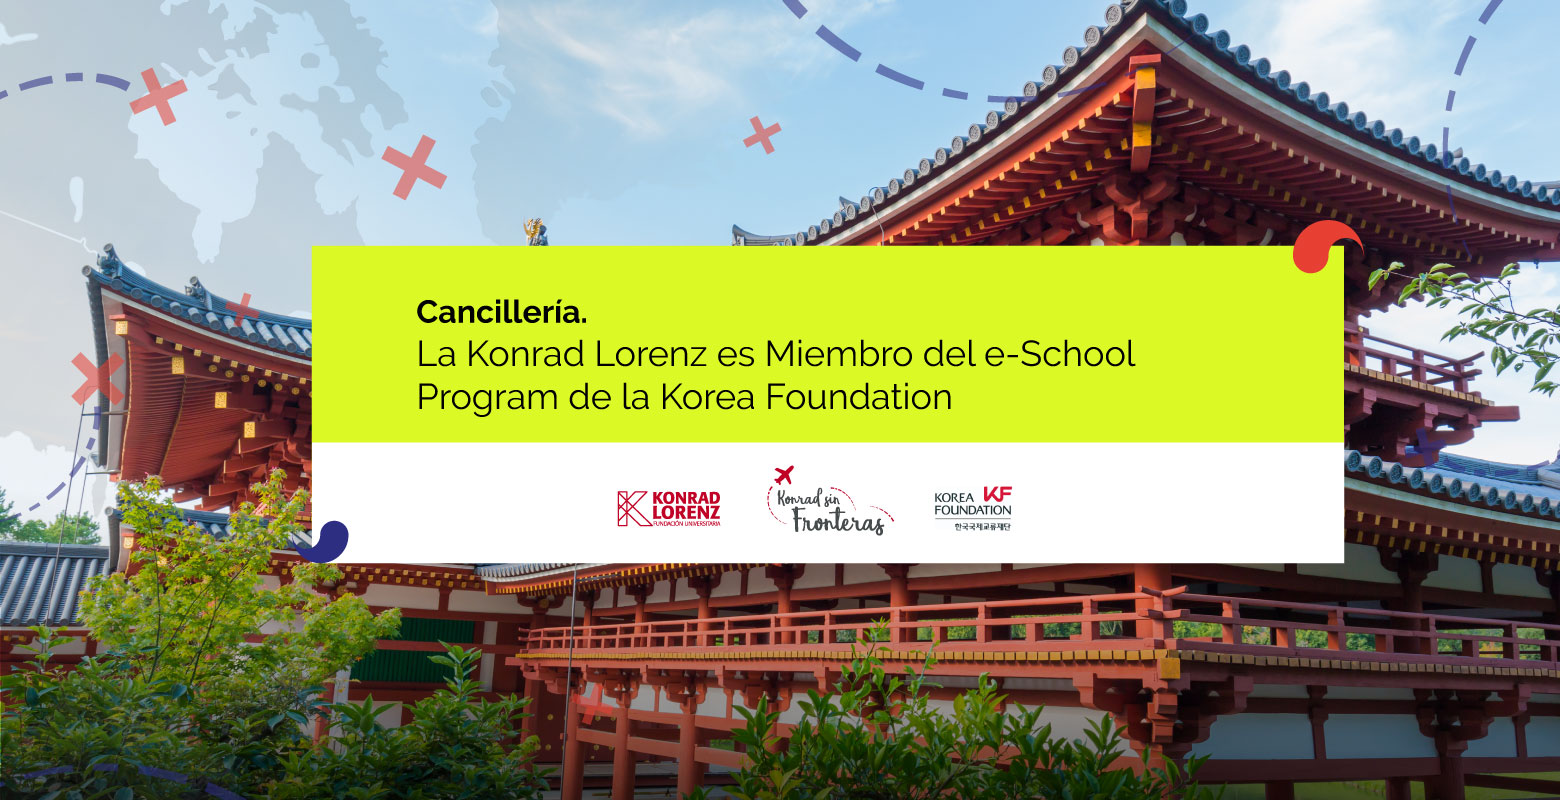 La Konrad Lorenz es Miembro del e-School Program de la Korea Foundation